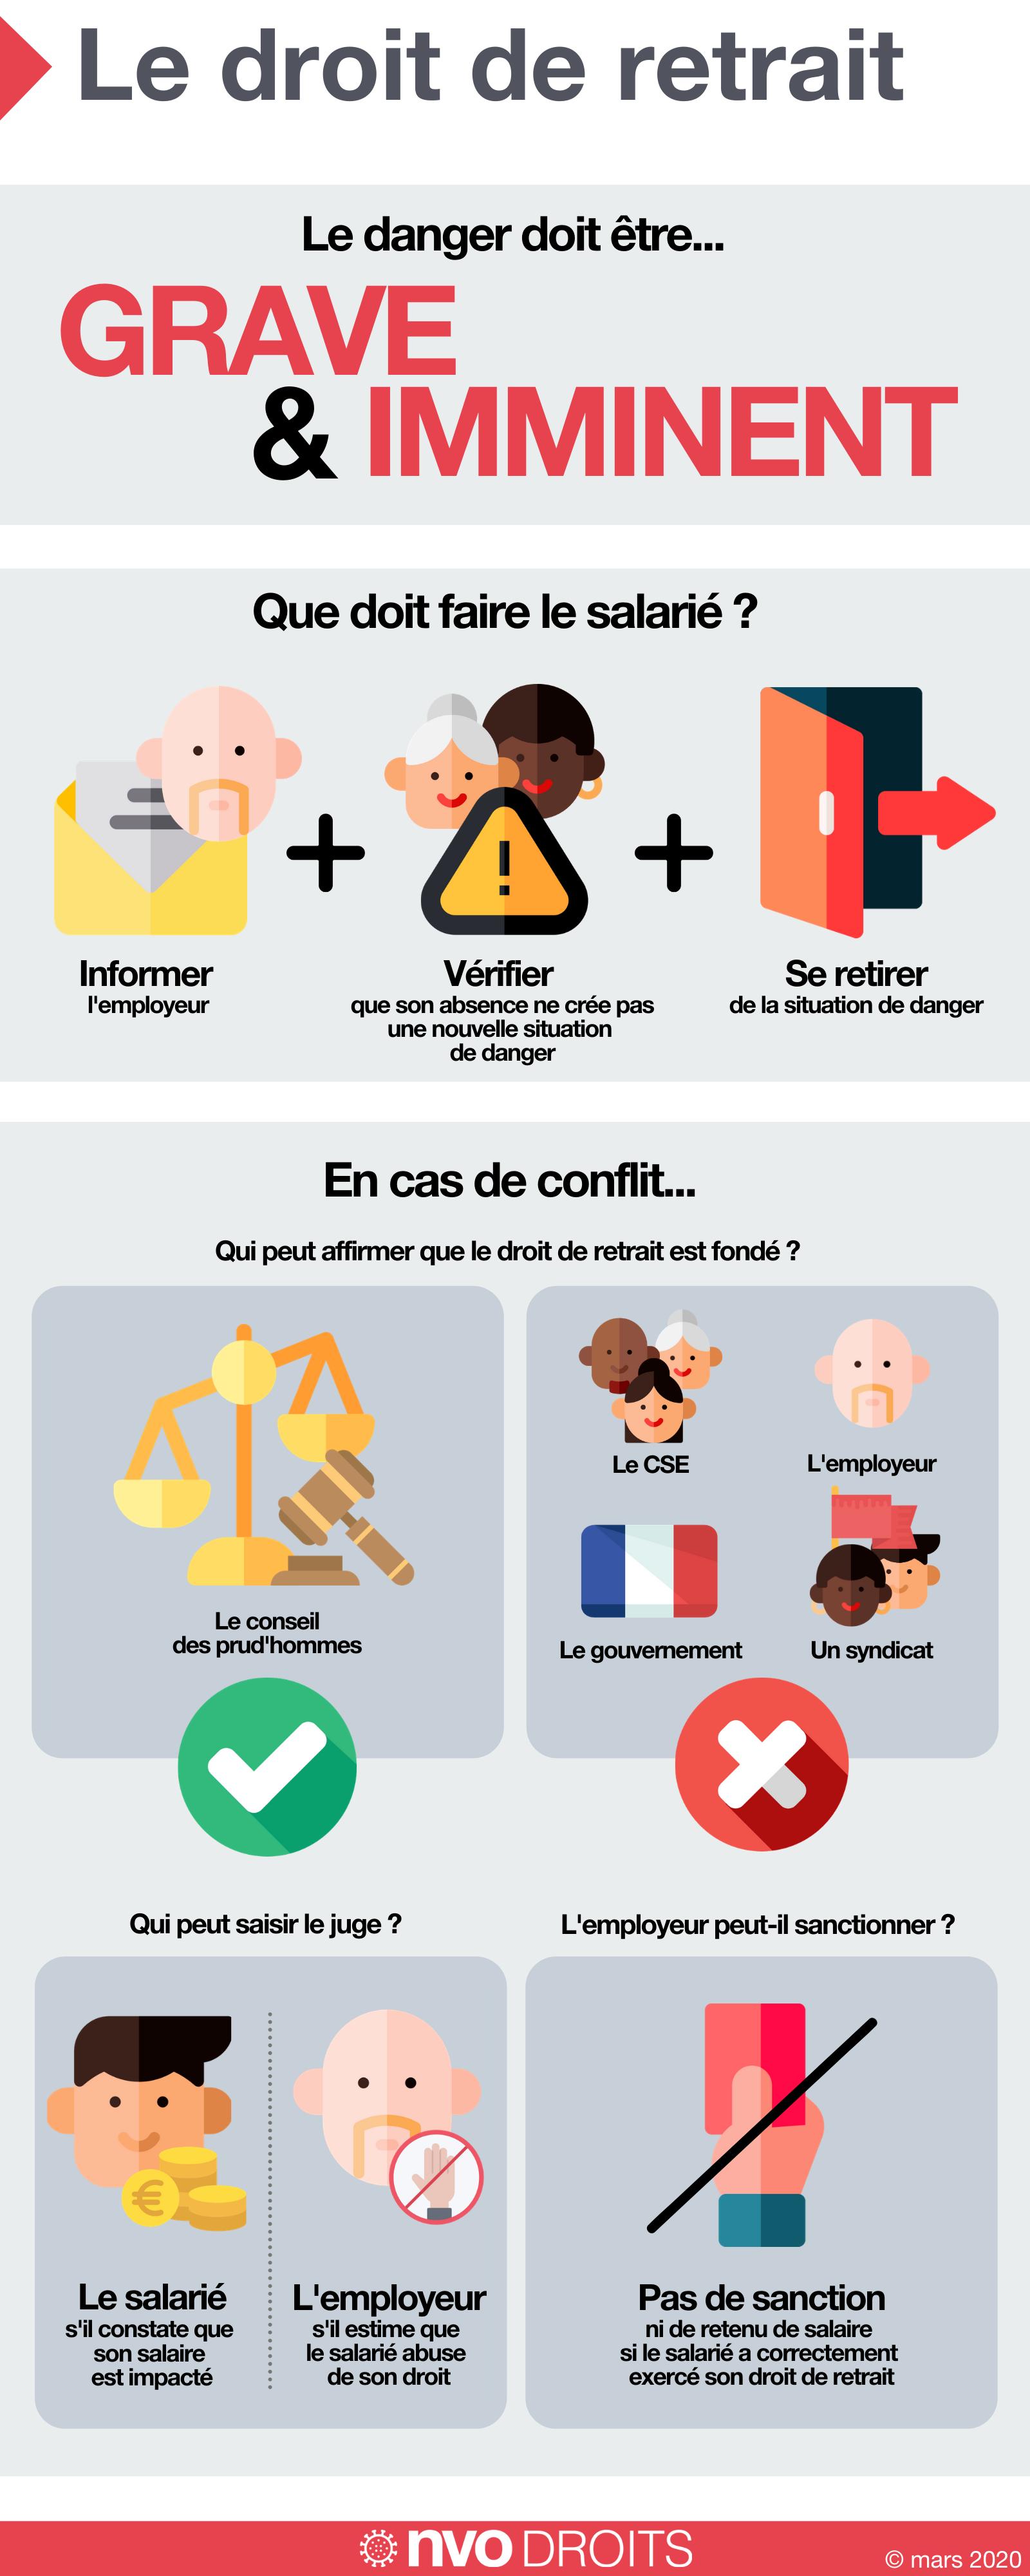 NVO - La Nouvelle Vie Ouvrière, le magazine des militants de la CGT Droit de retrait coronavirus